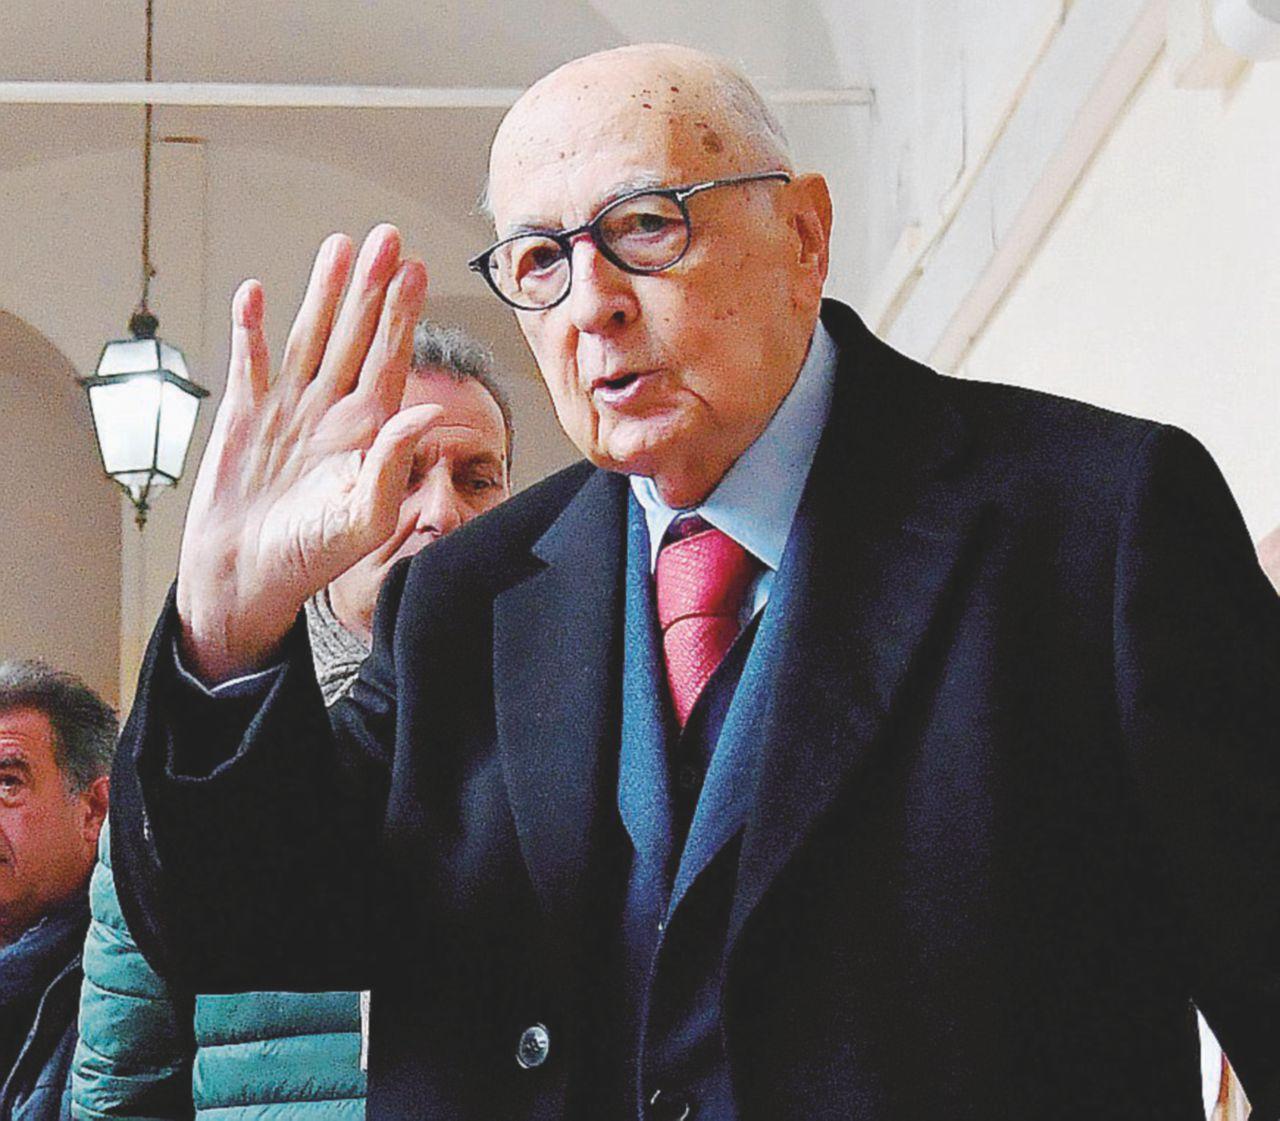 Re Giorgio, atto terzo. Dopo Monti e Letta ha fatto secco Renzi